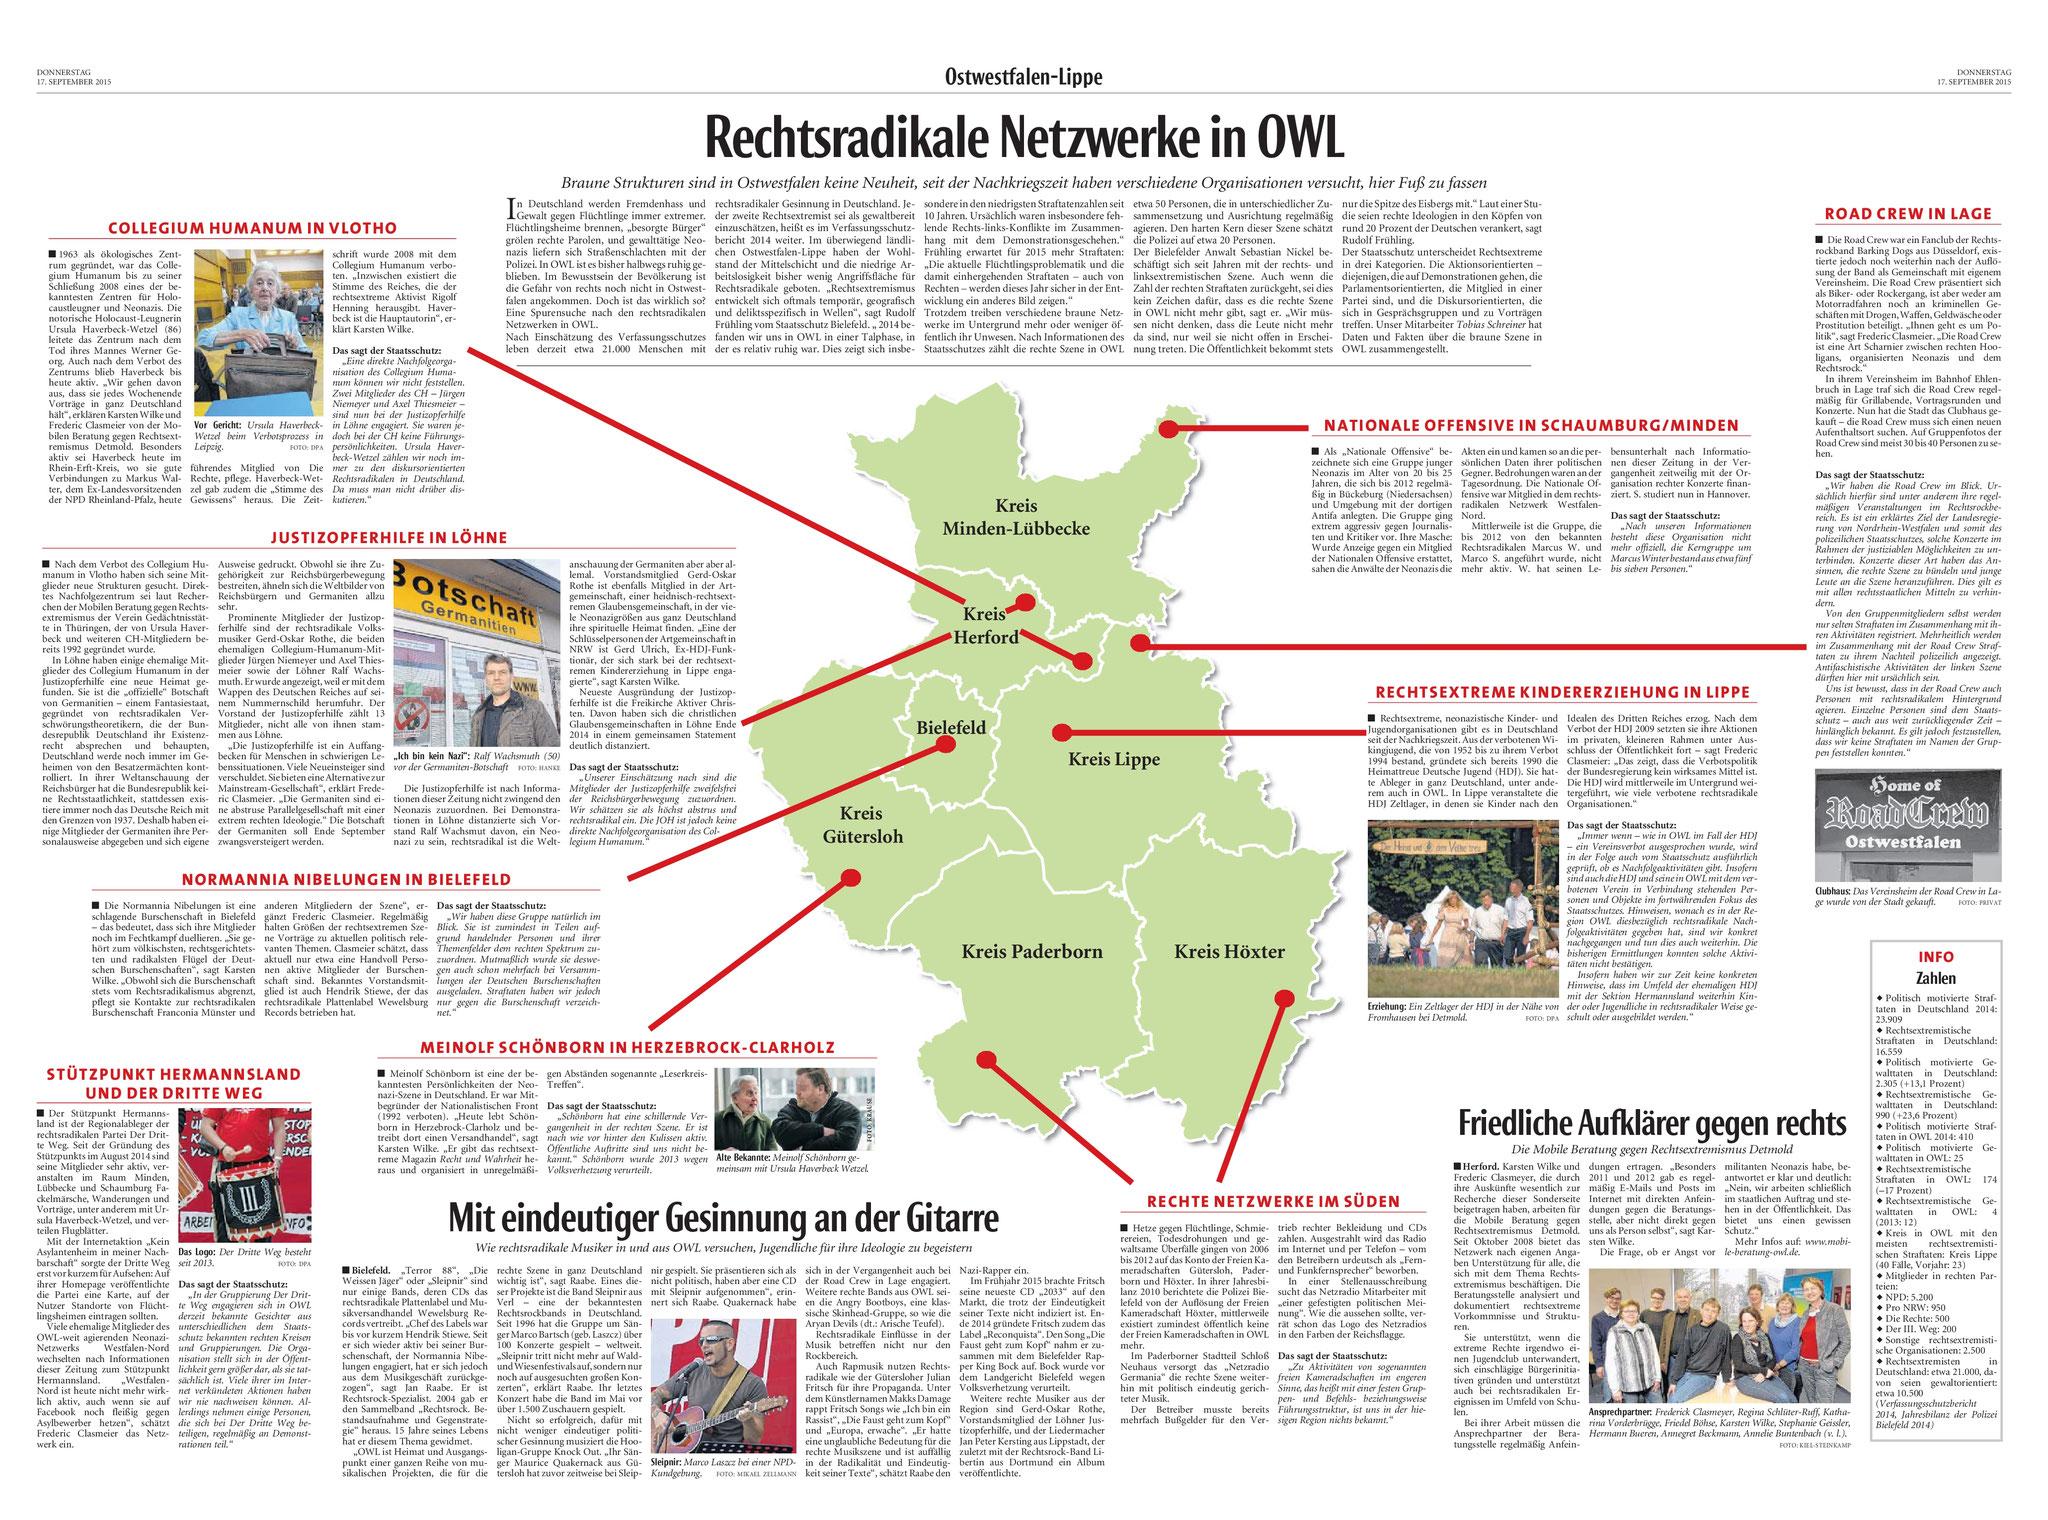 Neue Westfälische, [17.09.2015].  Texte und Fotos aus der Neuen Westfälischen sind urheberrechtlich geschützt.  Weiterverwendung nur mit schriftlicher Genehmigung der Redaktion.